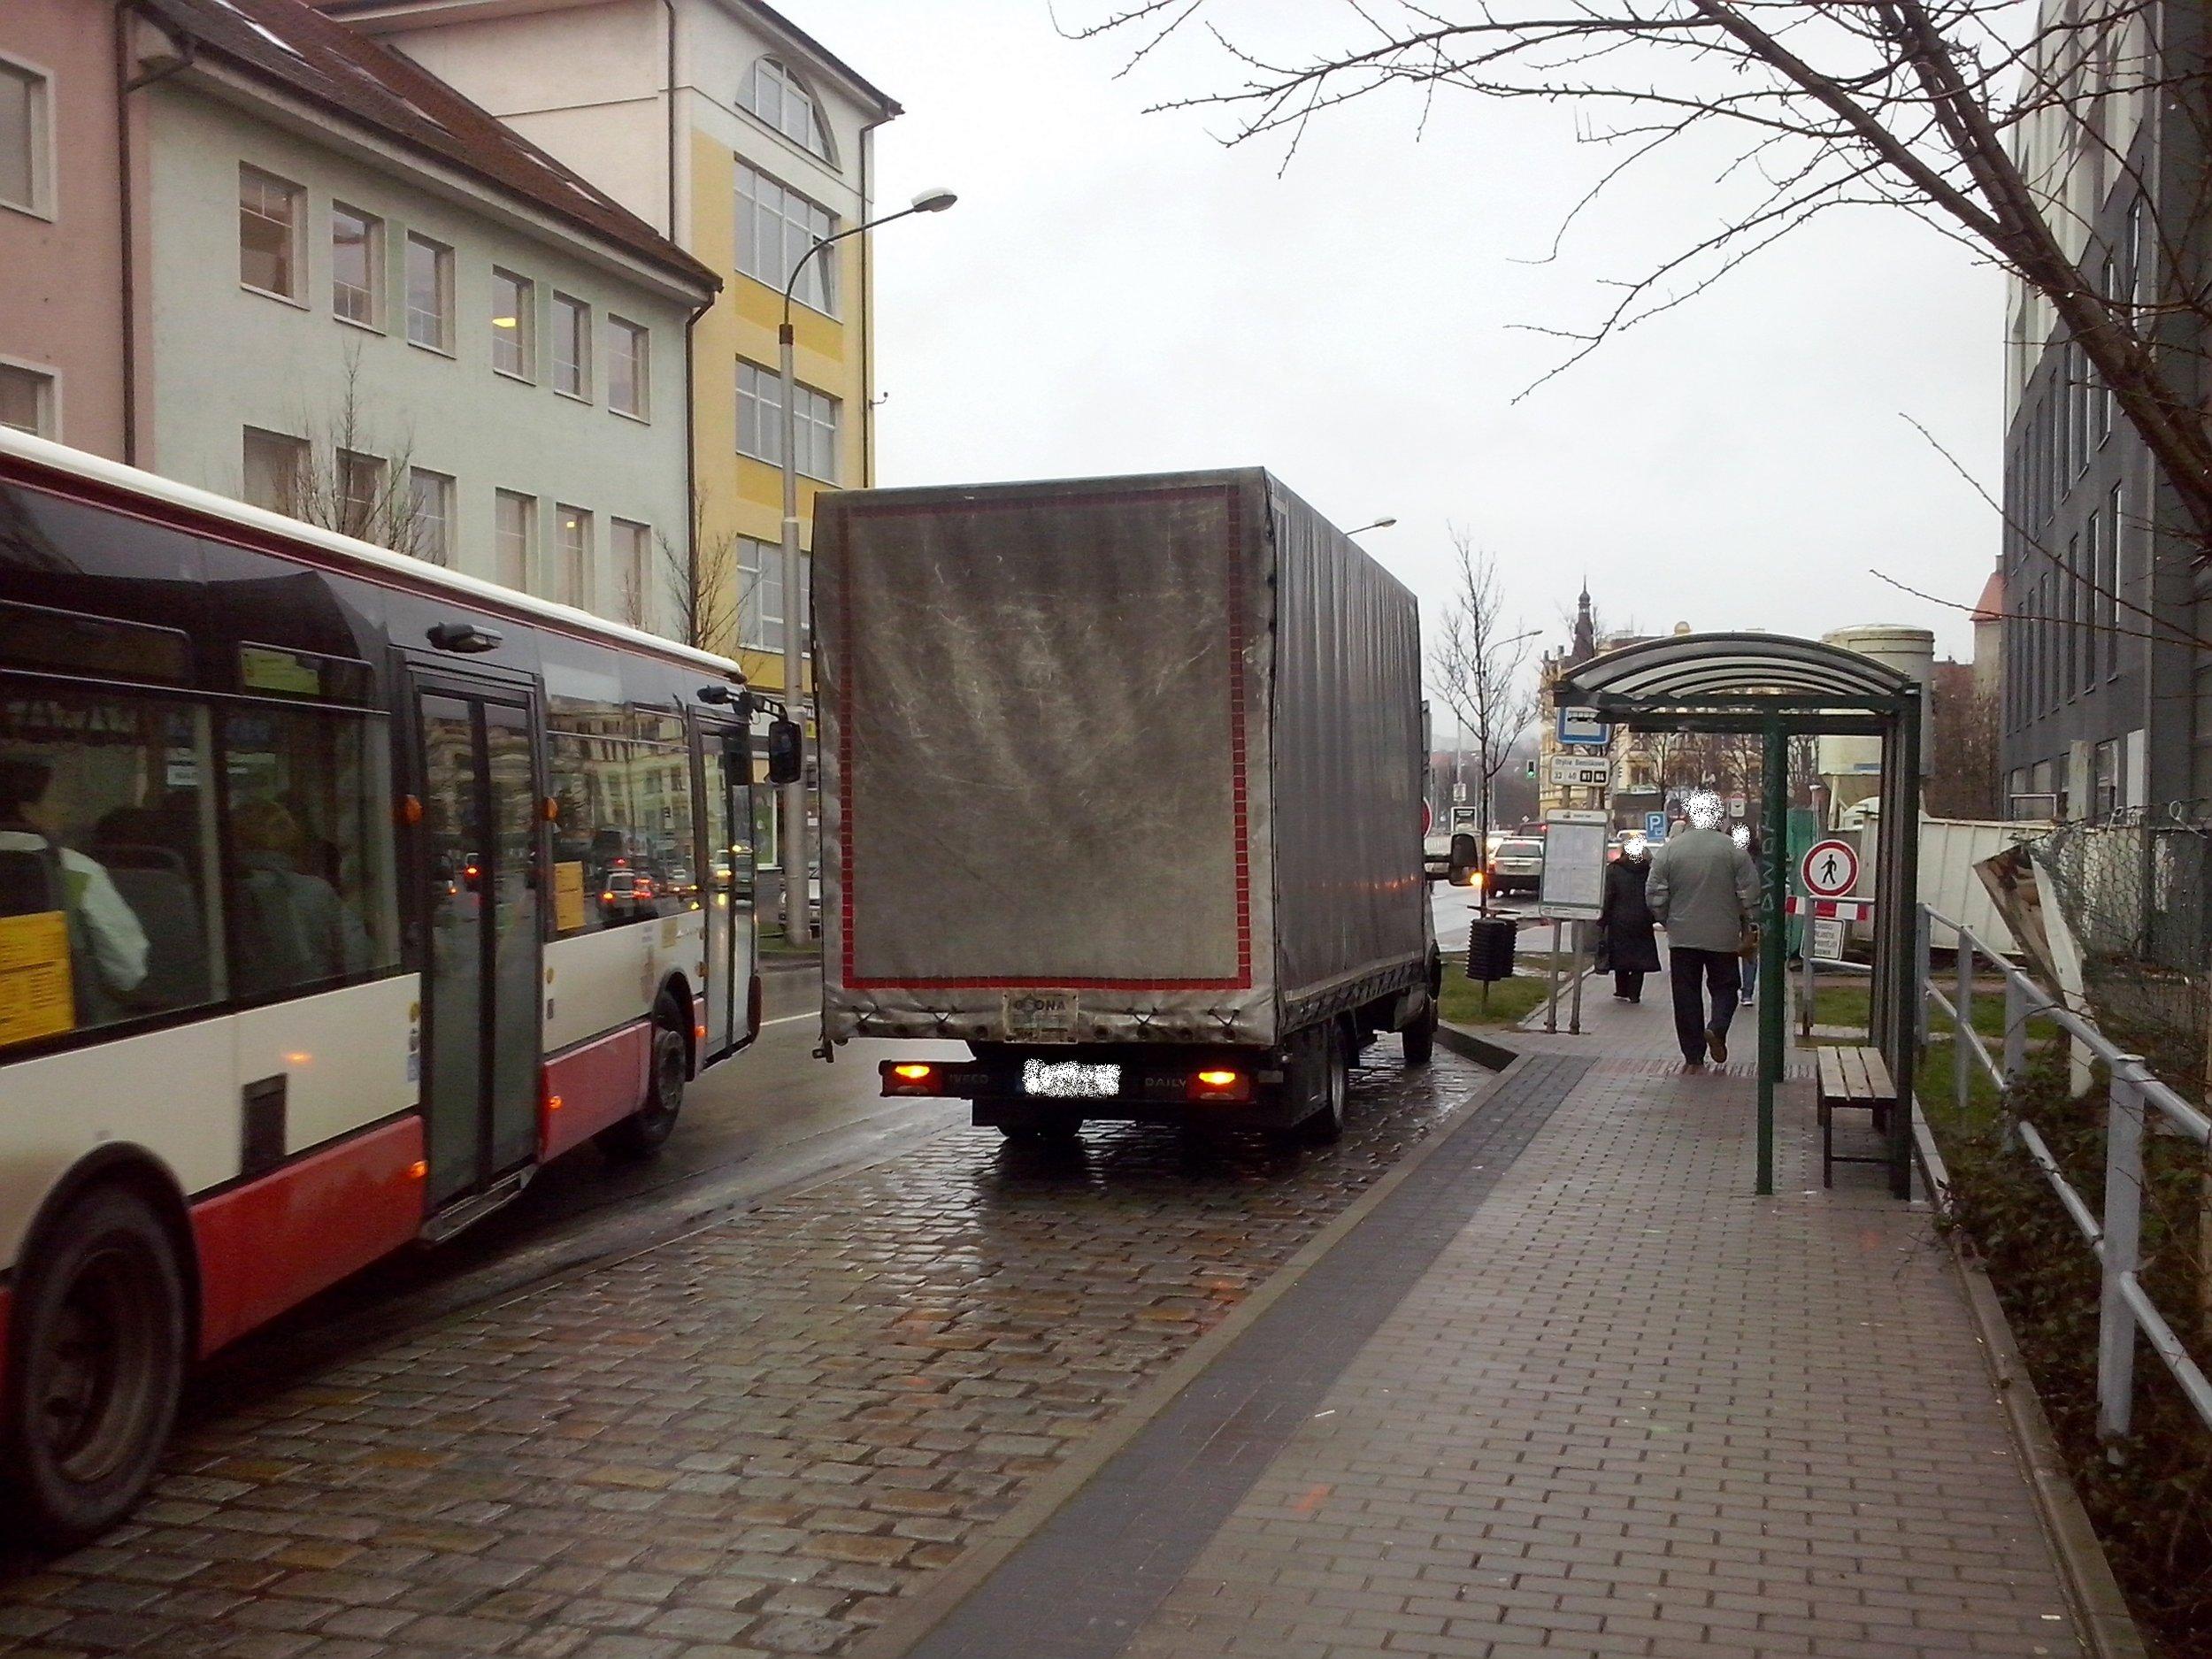 Parkování v zastávkách není neobvyklé... (foto: PMDP)